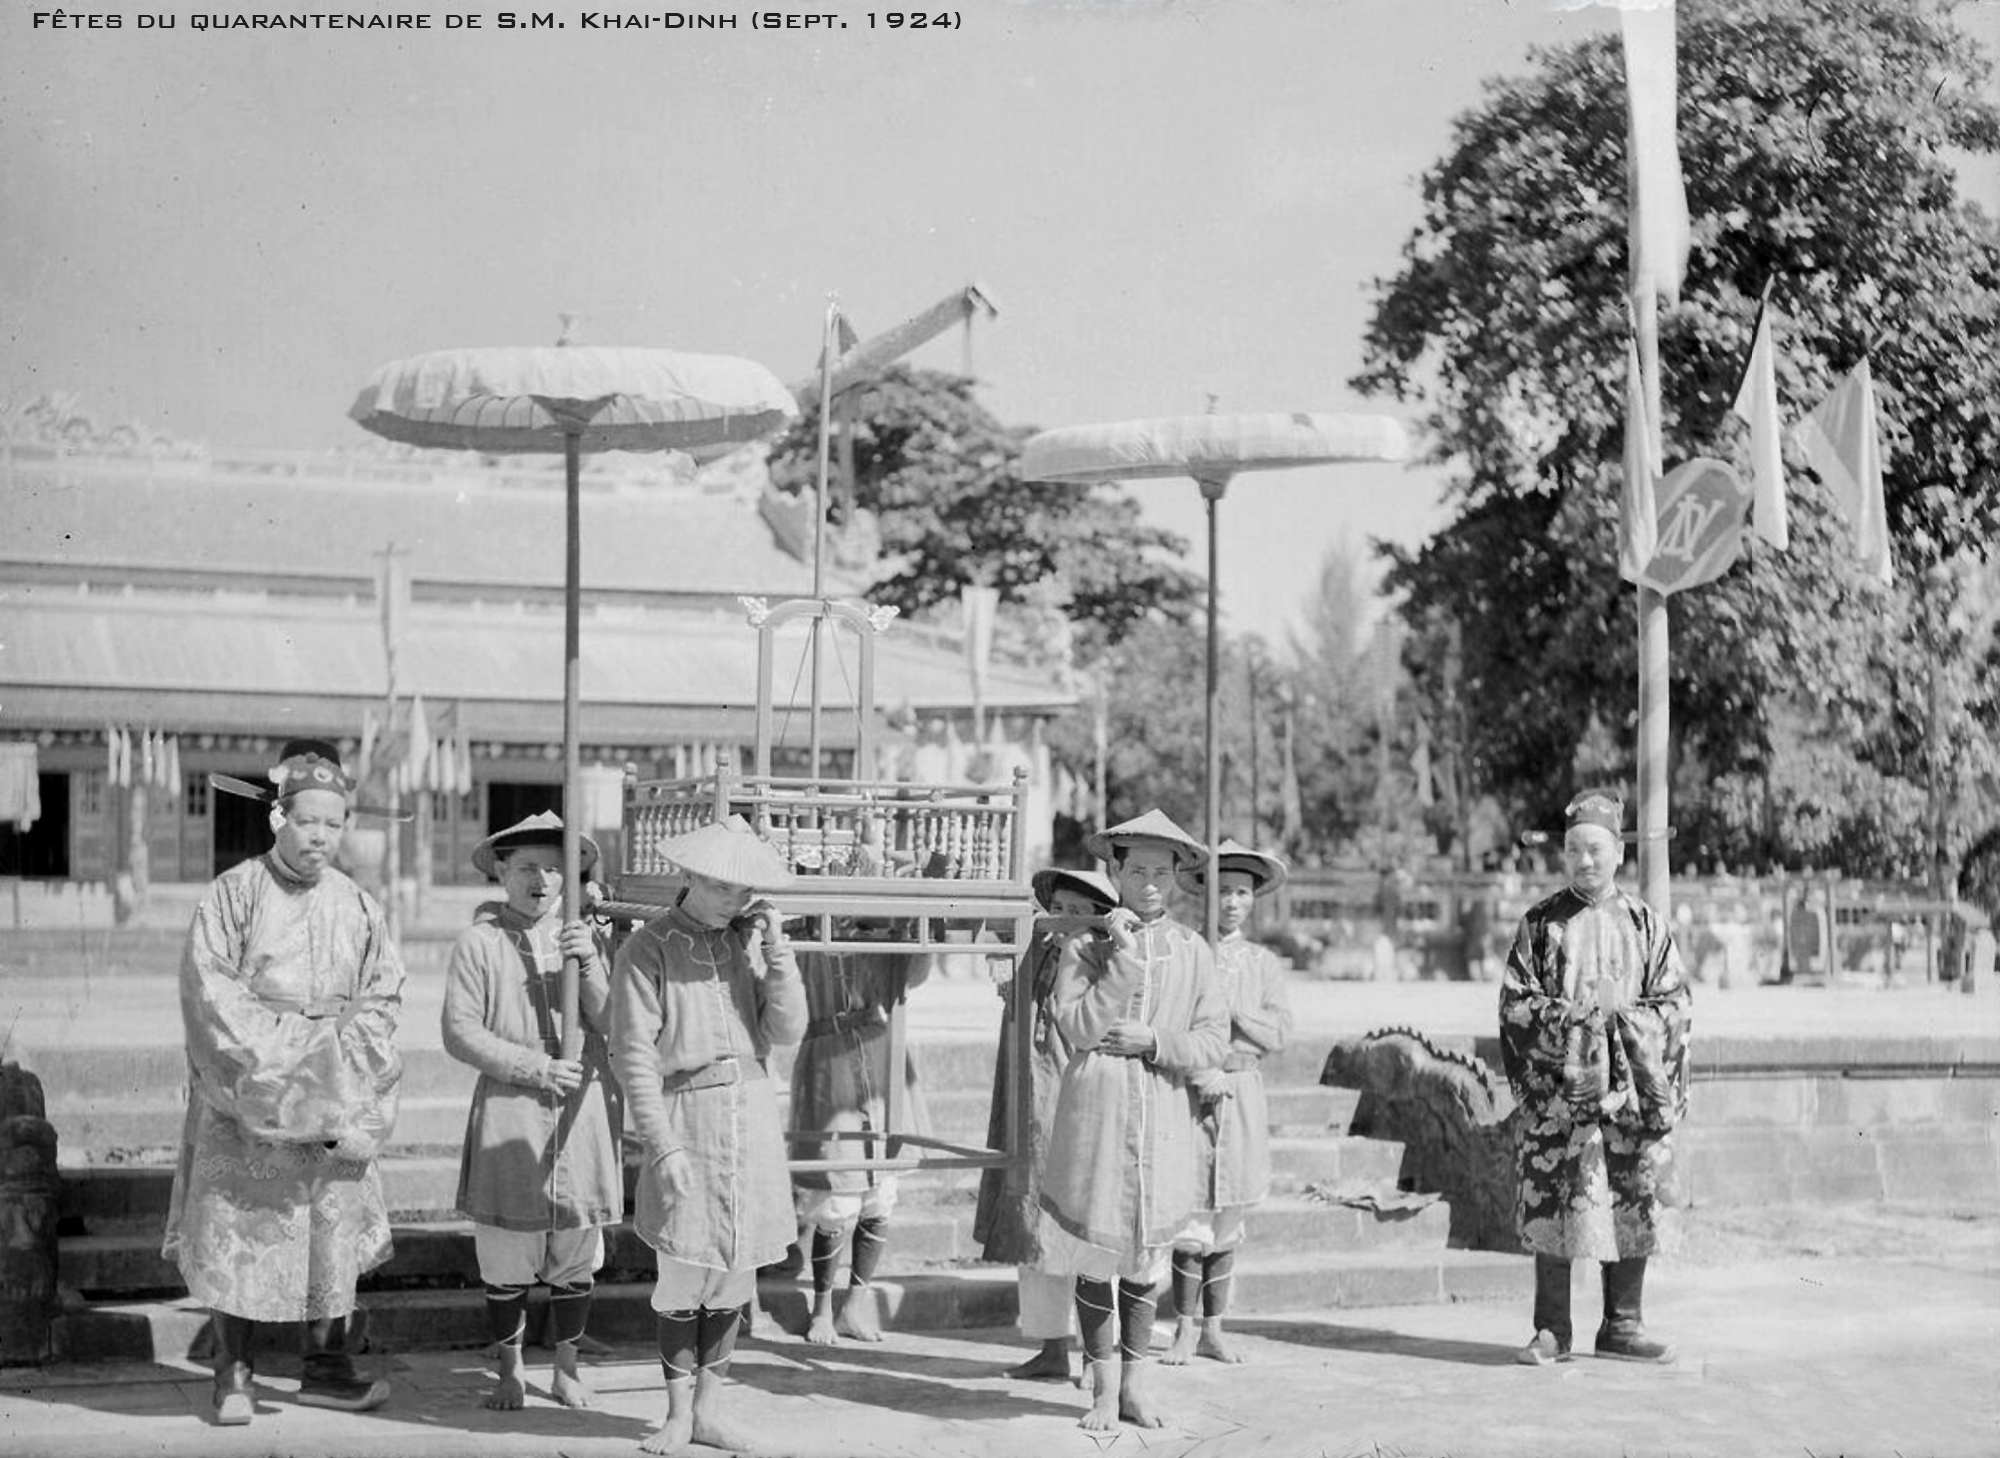 Lễ Tứ Tuần Đại Khánh của vua Khải Định 1924